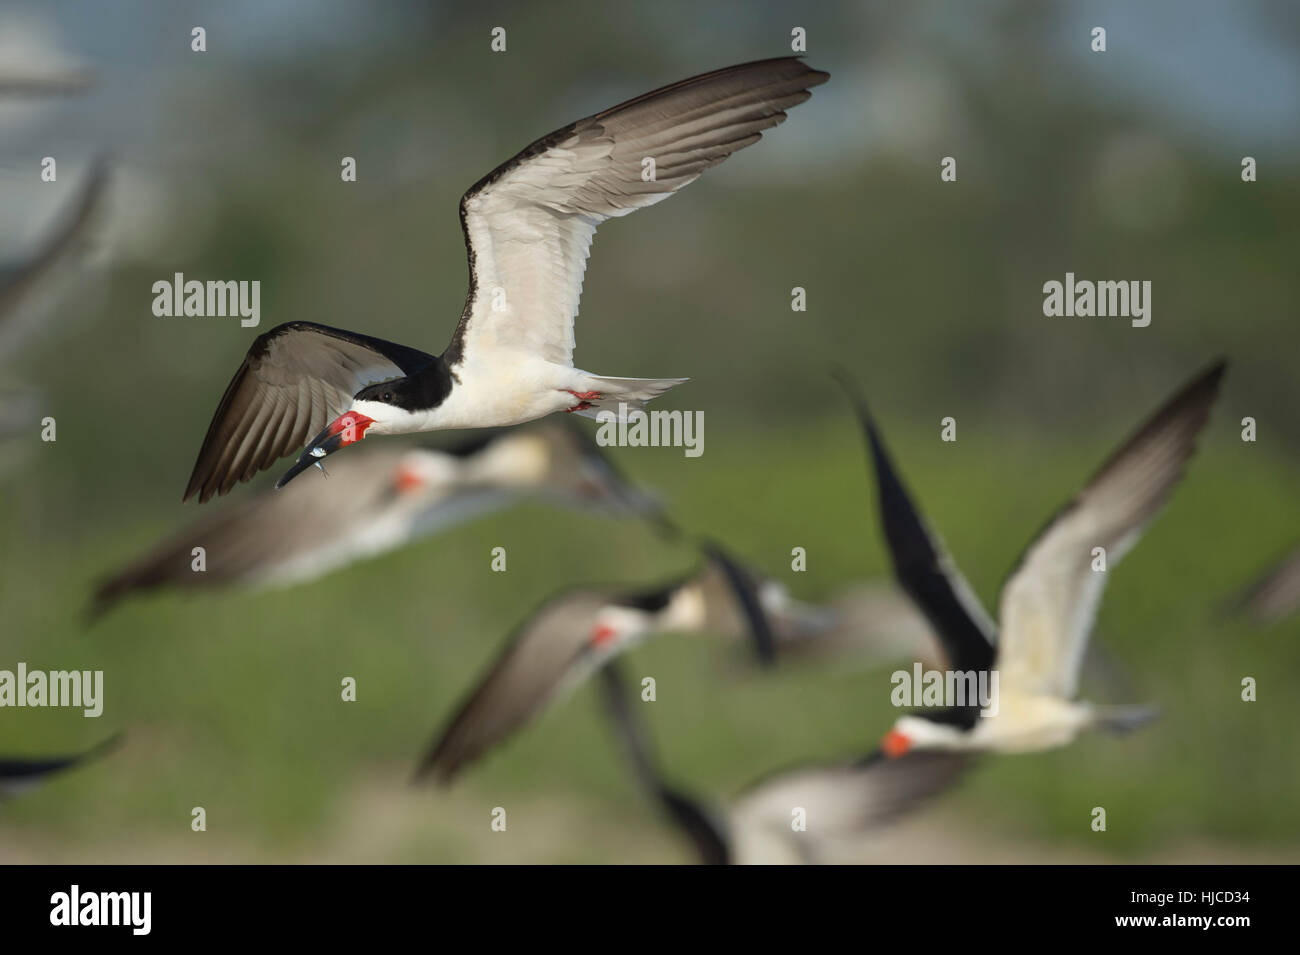 Ein schwarzes Abstreicheisen fliegt mit einem Fisch im Schnabel vor einer Herde von anderen Skimmer. Stockbild